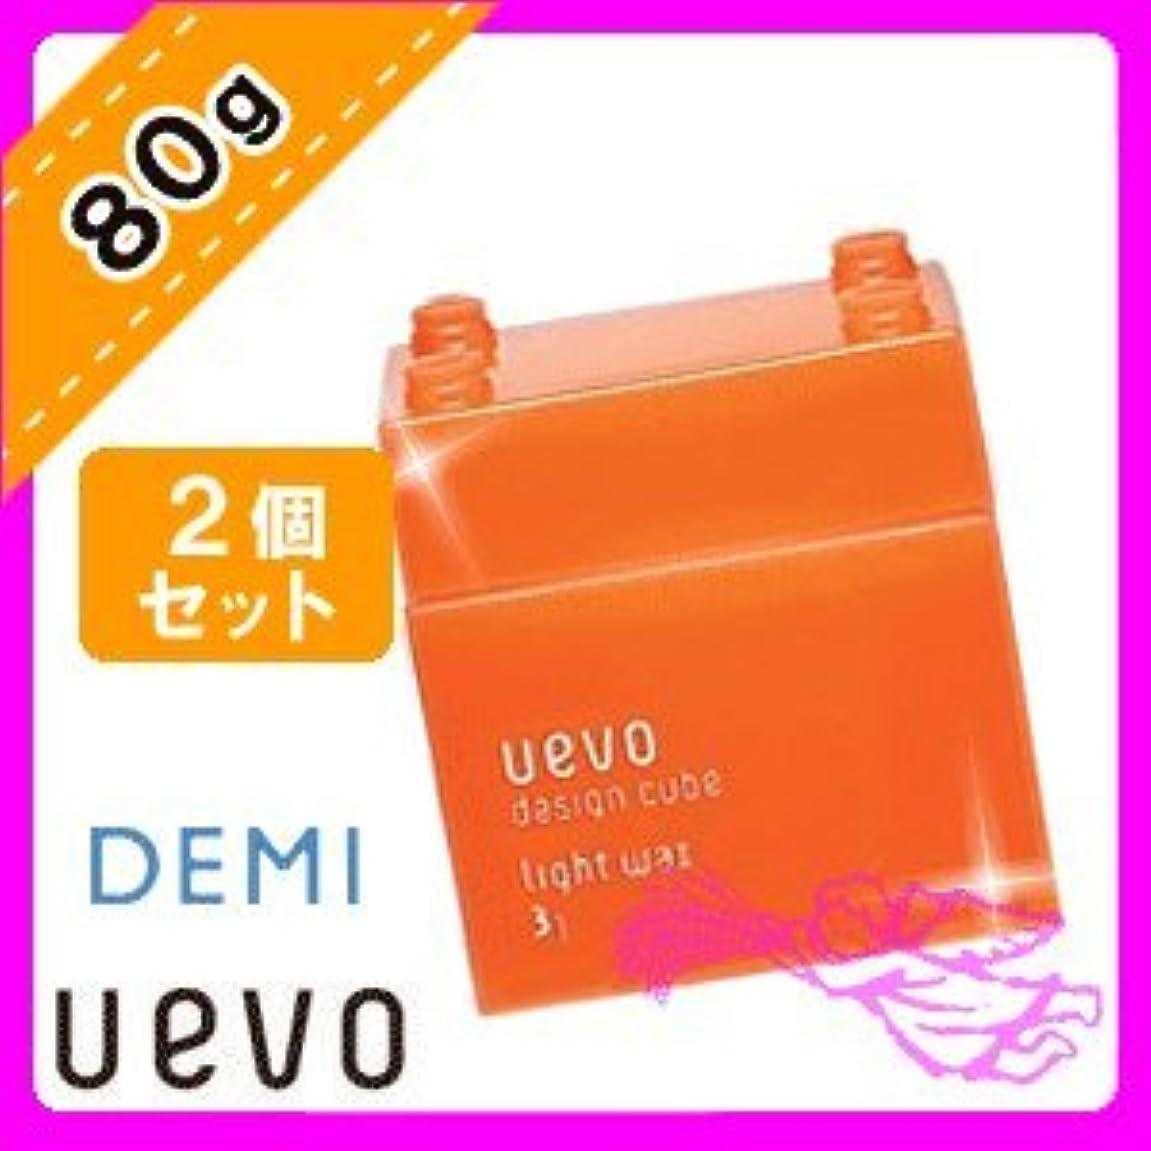 悪行続けるパケット【X2個セット】 デミ ウェーボ デザインキューブ ライトワックス 80g